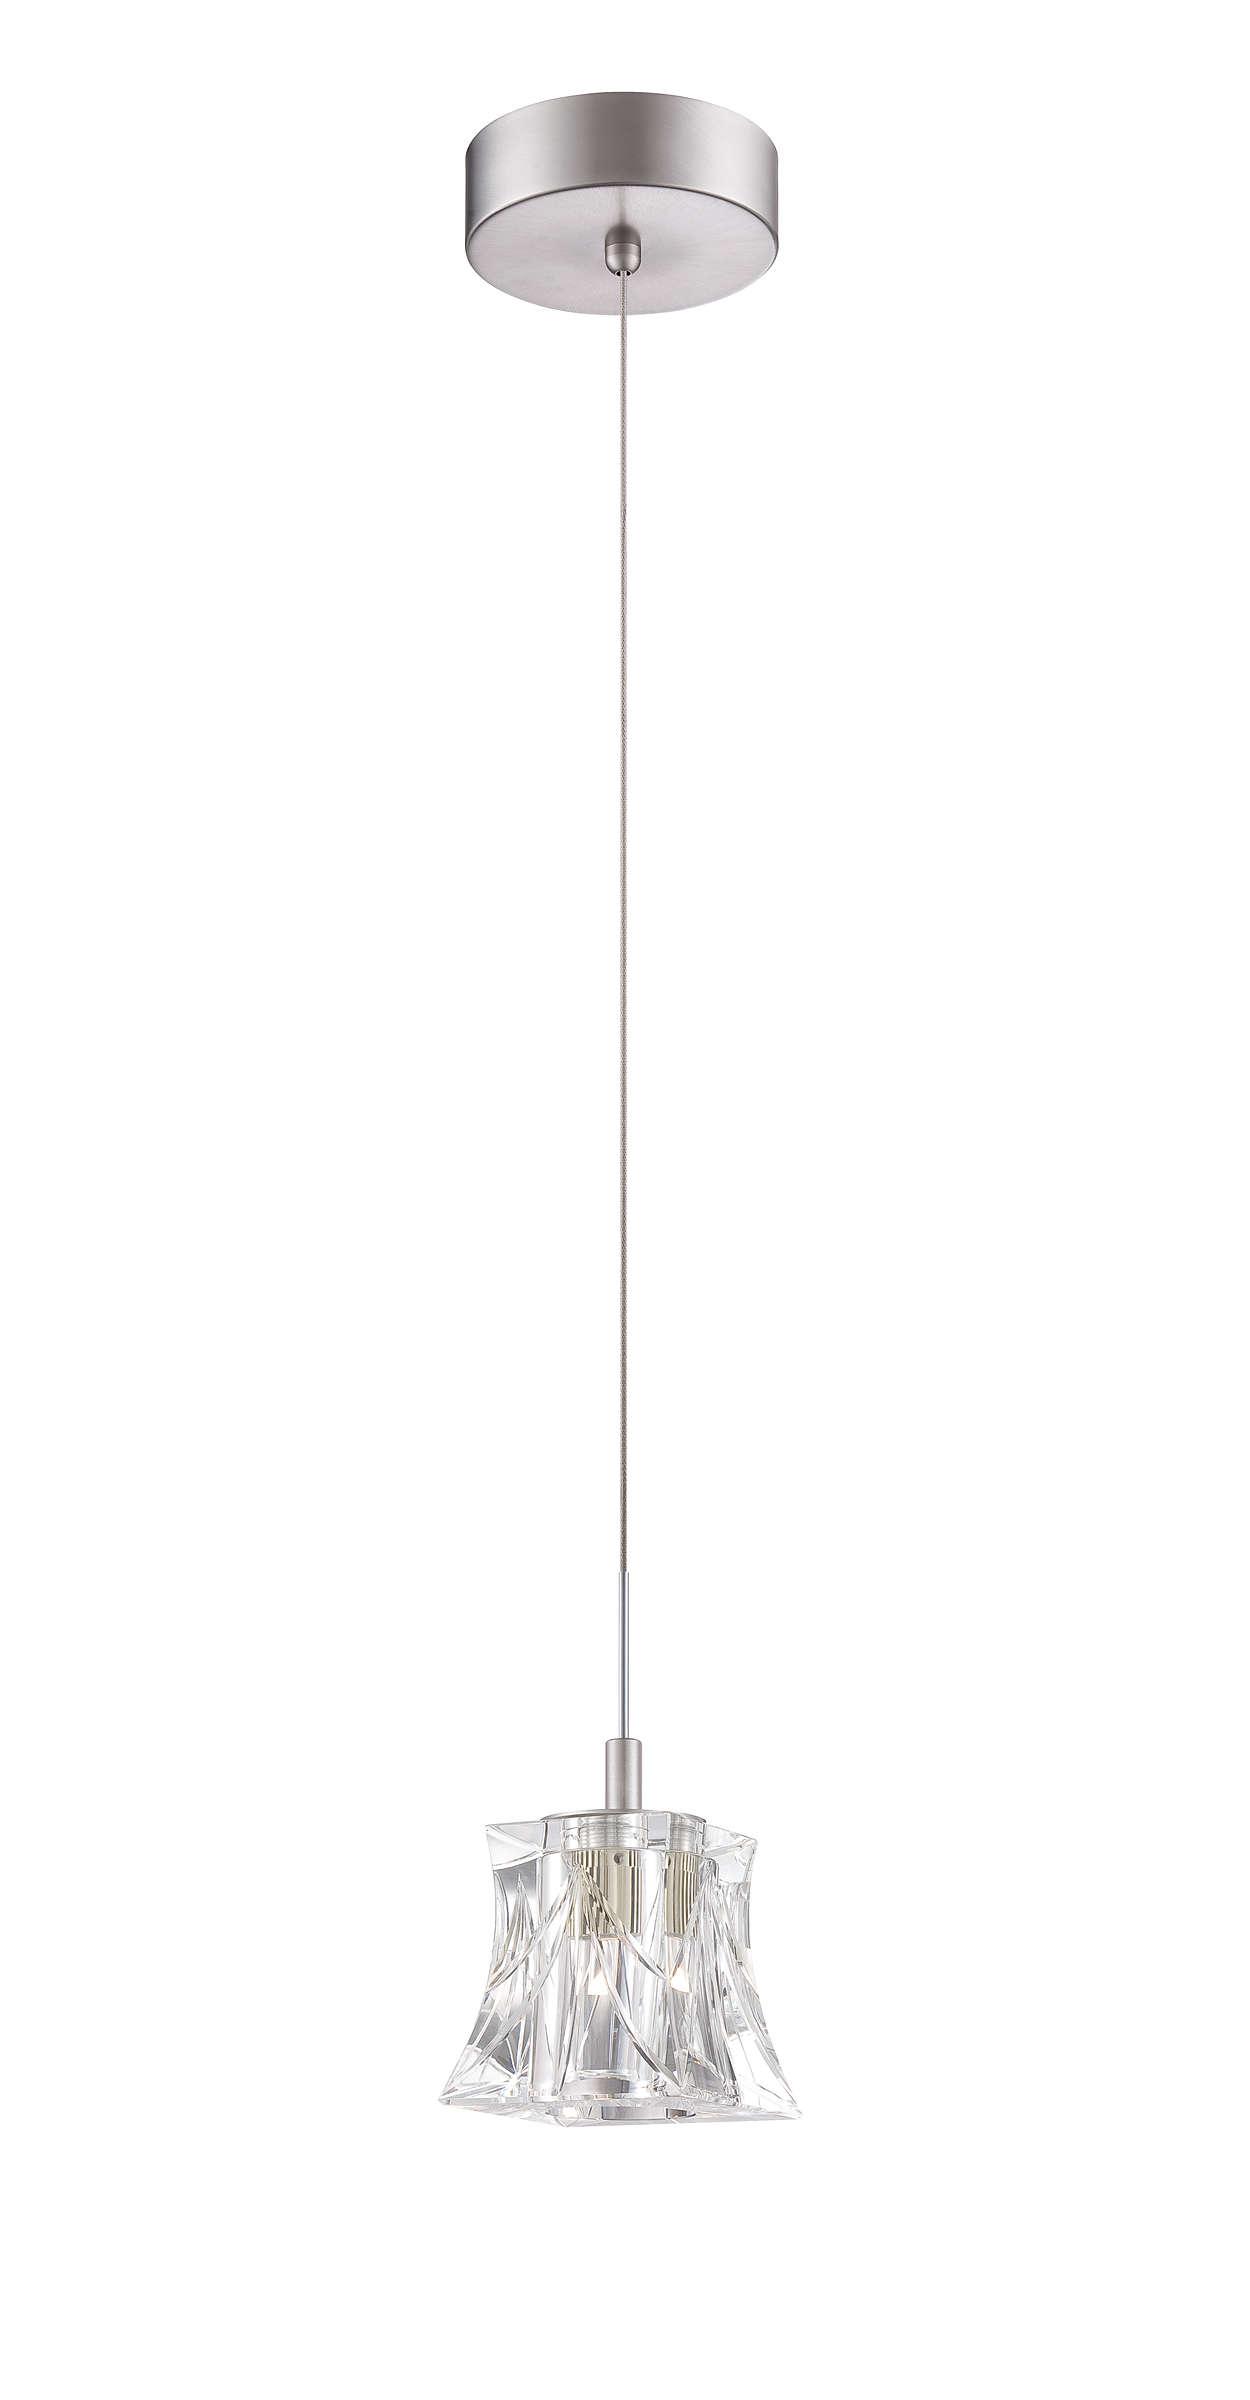 Suspensión LED de una luz en acabado de níquel satinado